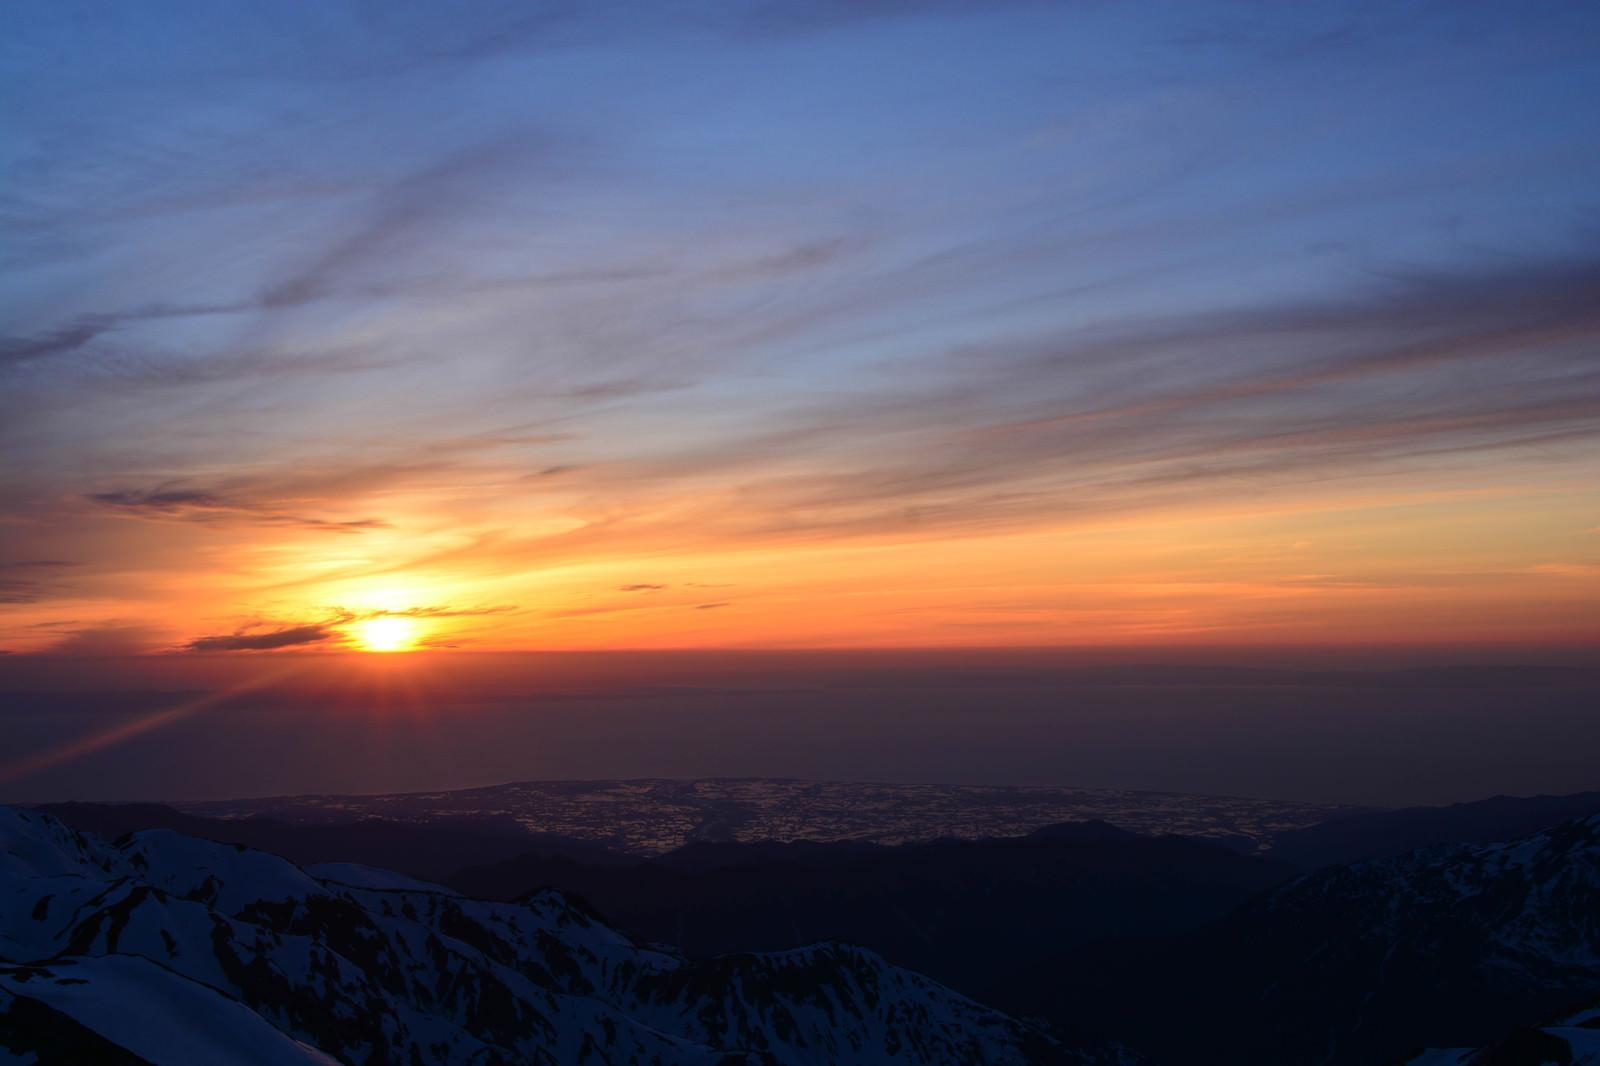 「残雪の山から見る日本海に沈む夕日」の写真